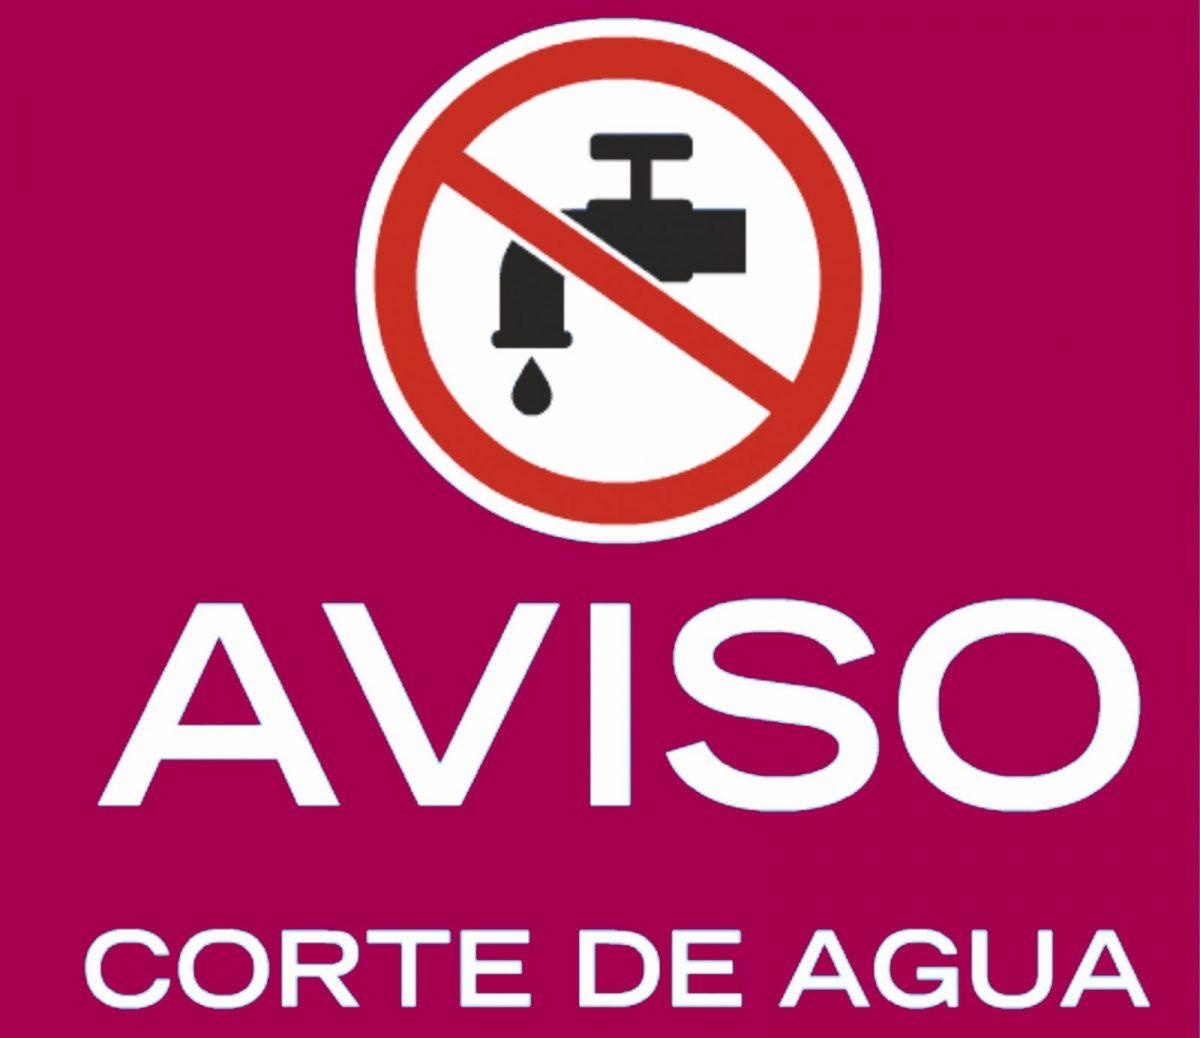 http://www.toledo.es/wp-content/uploads/2018/05/corte-agua-ayto-toledo-1200x1038.jpg. Corte de tráfico en la calle Colegio de Doncellas